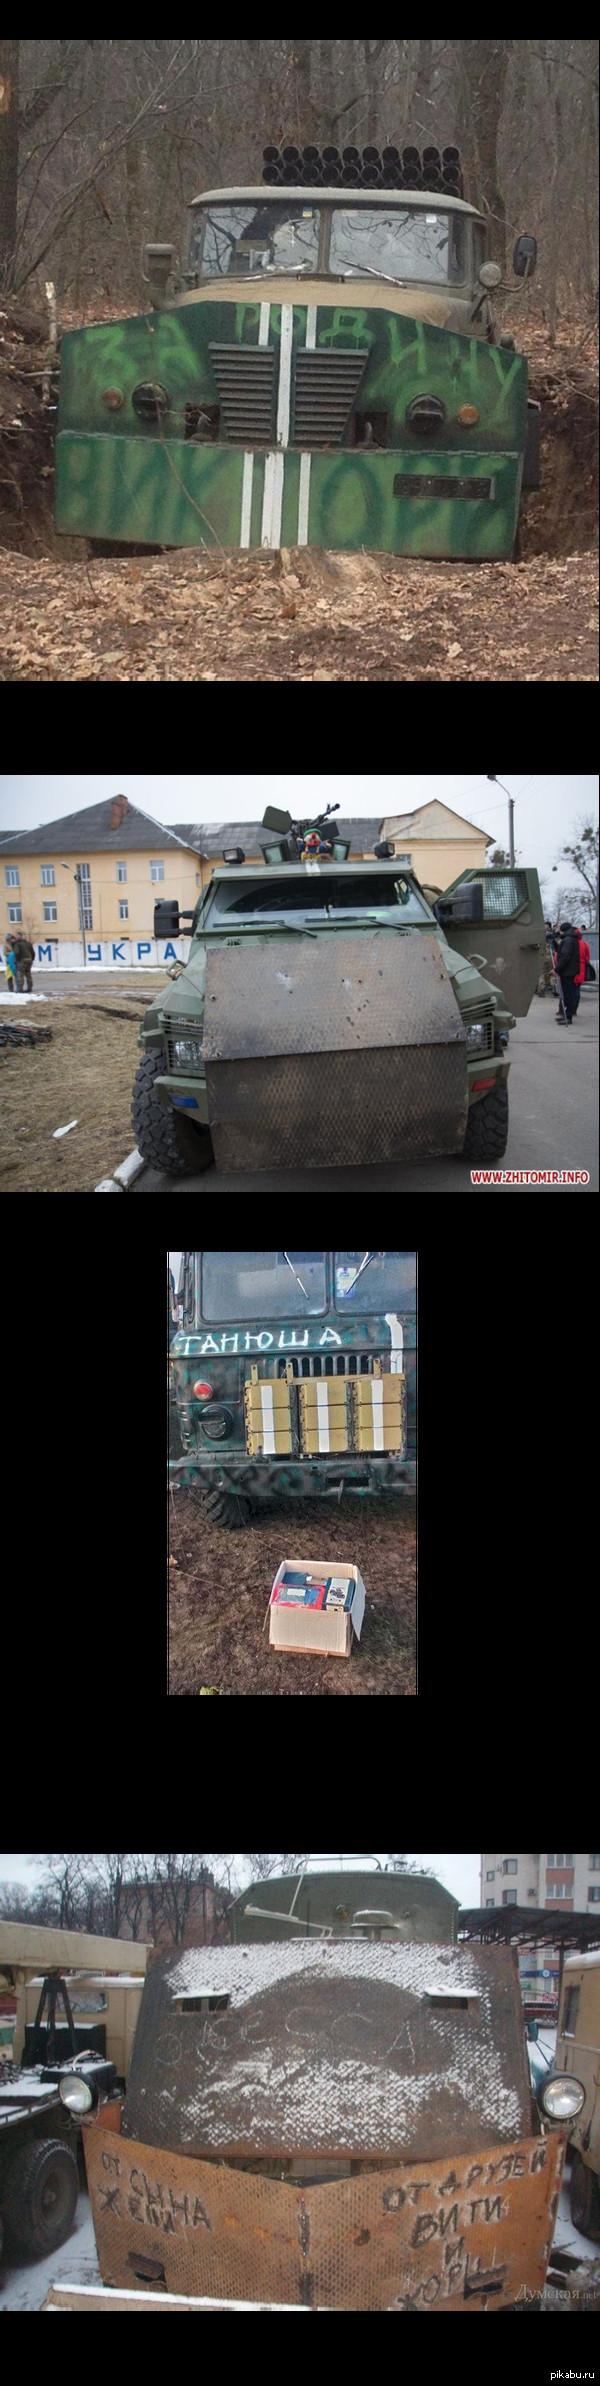 Технические новинки от патриотов Украины. ч.3 Текст куда то улетел, так что он внутри.